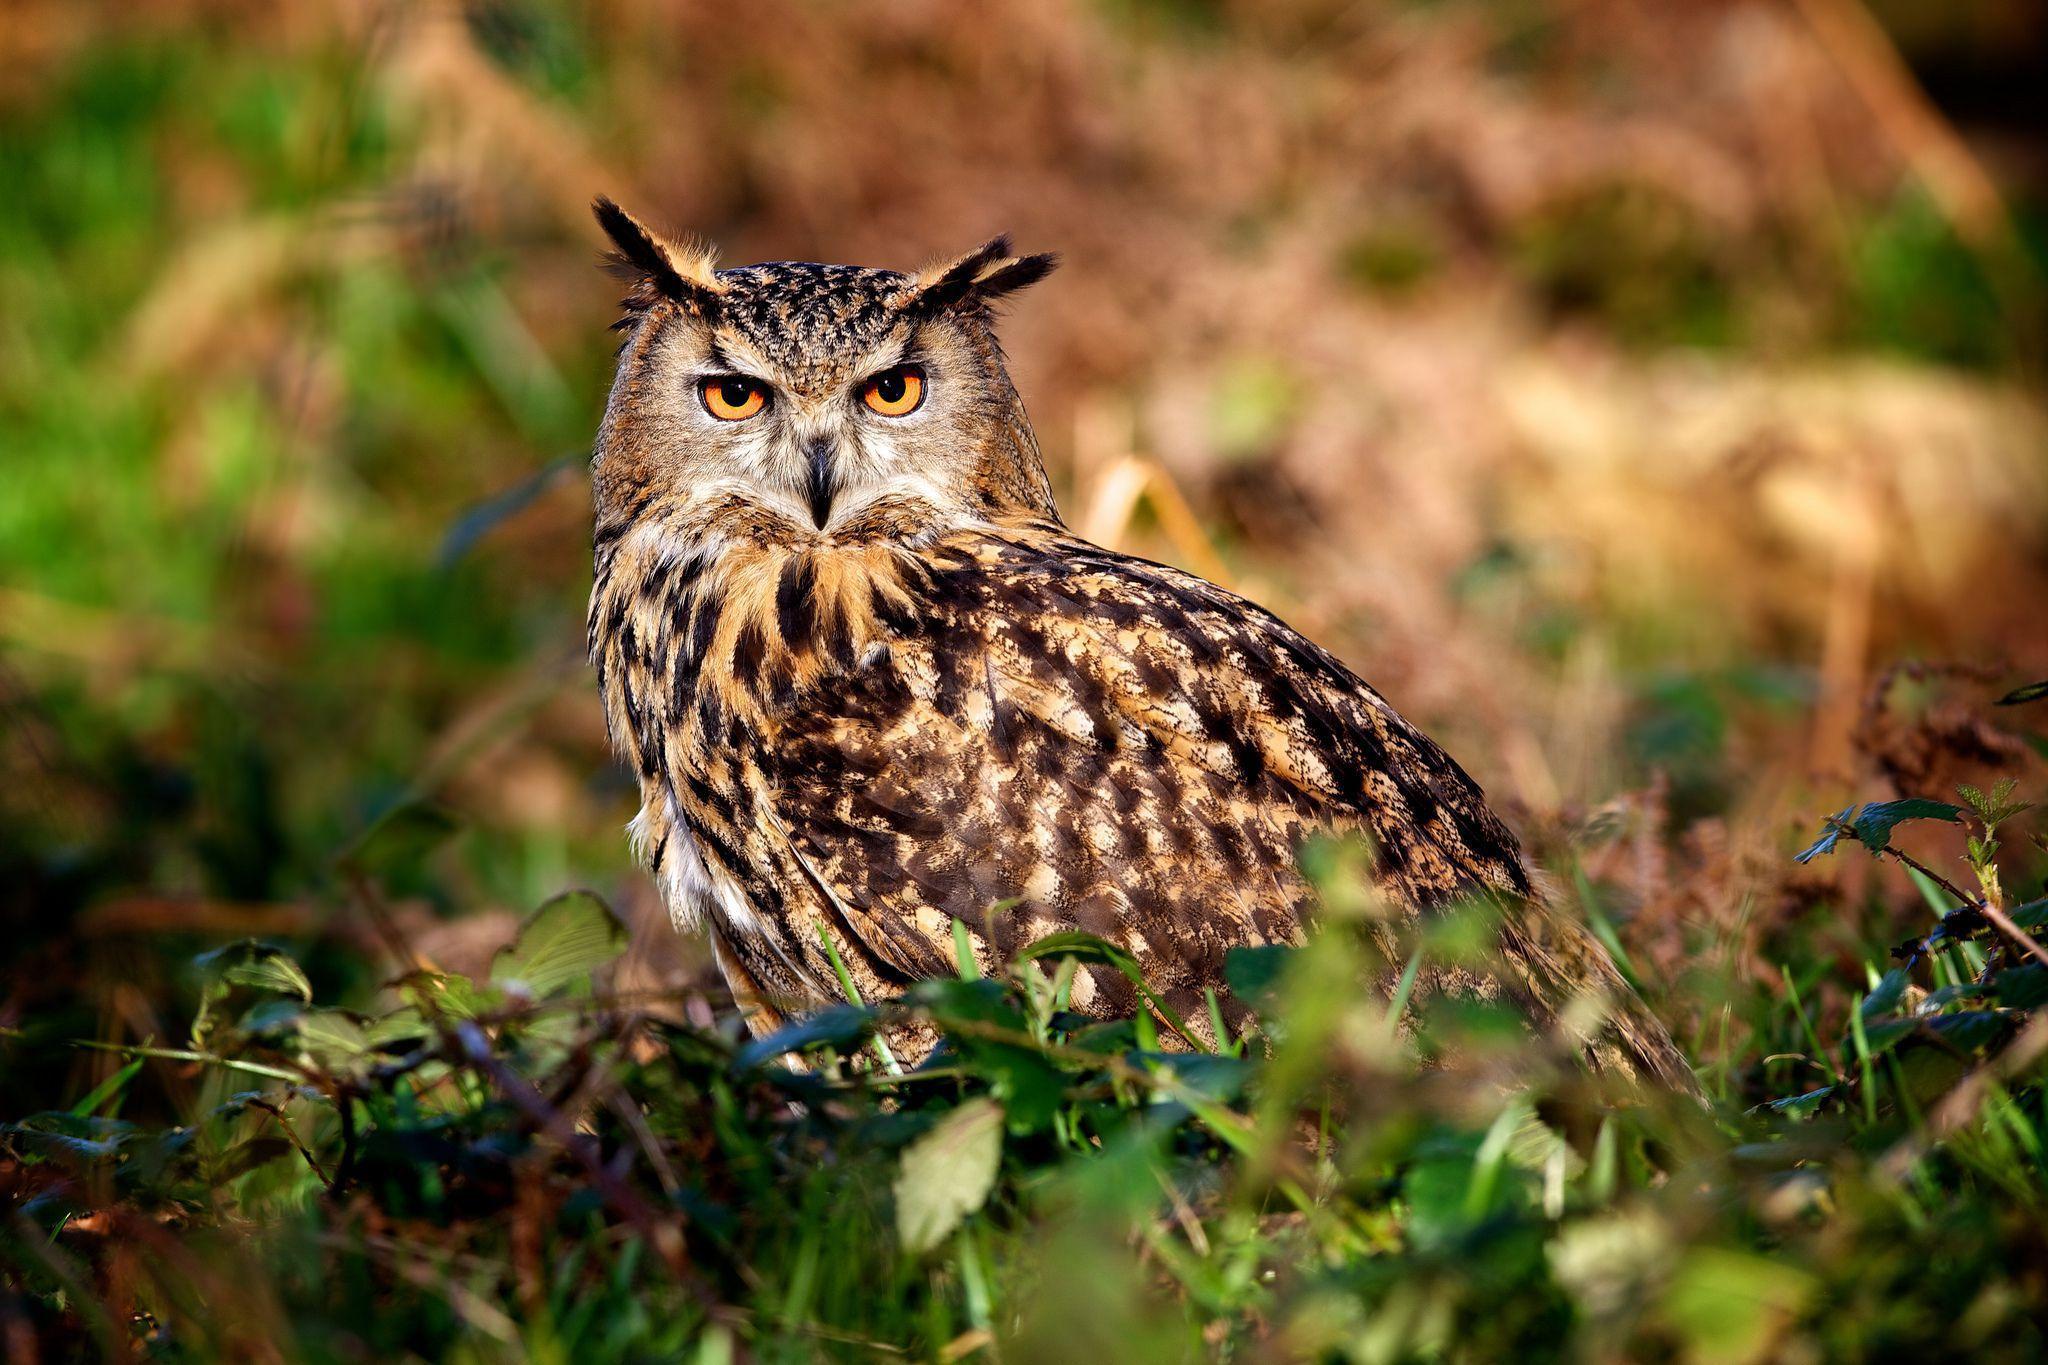 Long Eared Owl Wallpapers Hd